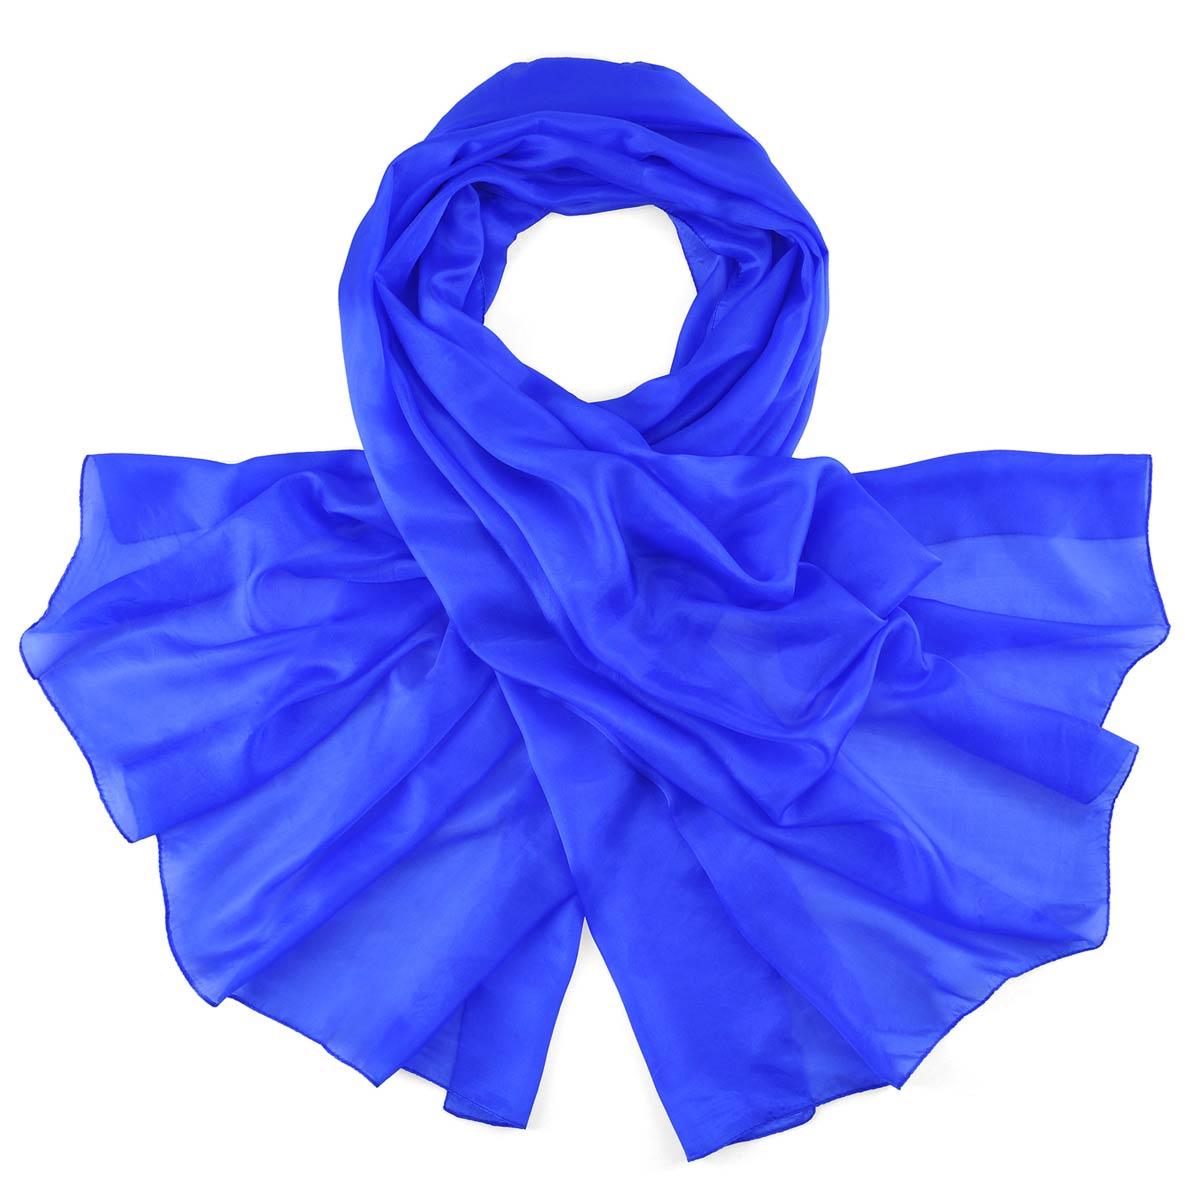 _Etole-soie-bleu-roi